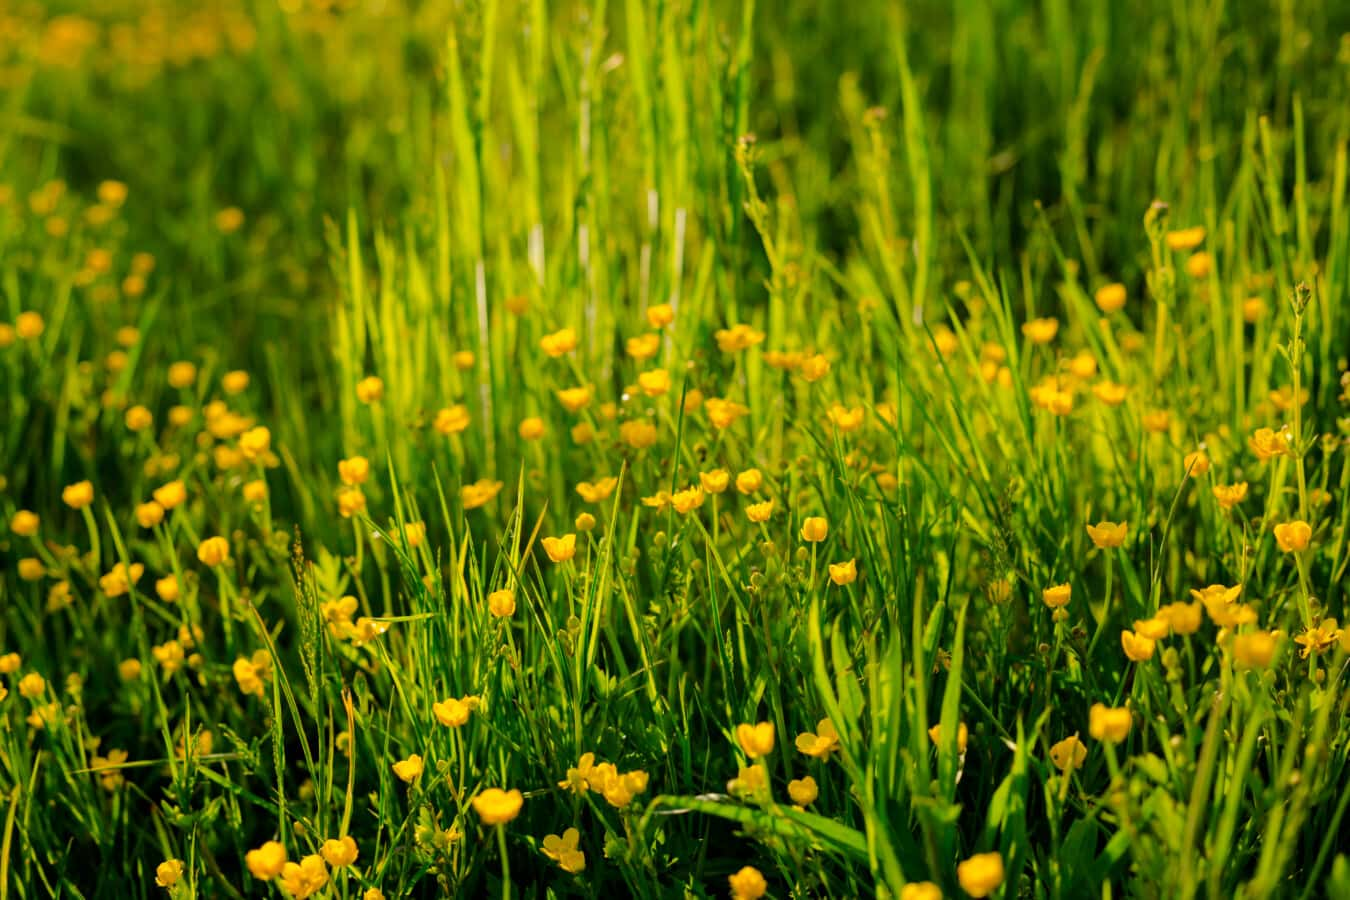 Ranunculus repens, grass, wildflower, grass plants, sun, field, rural, nature, fair weather, hay field